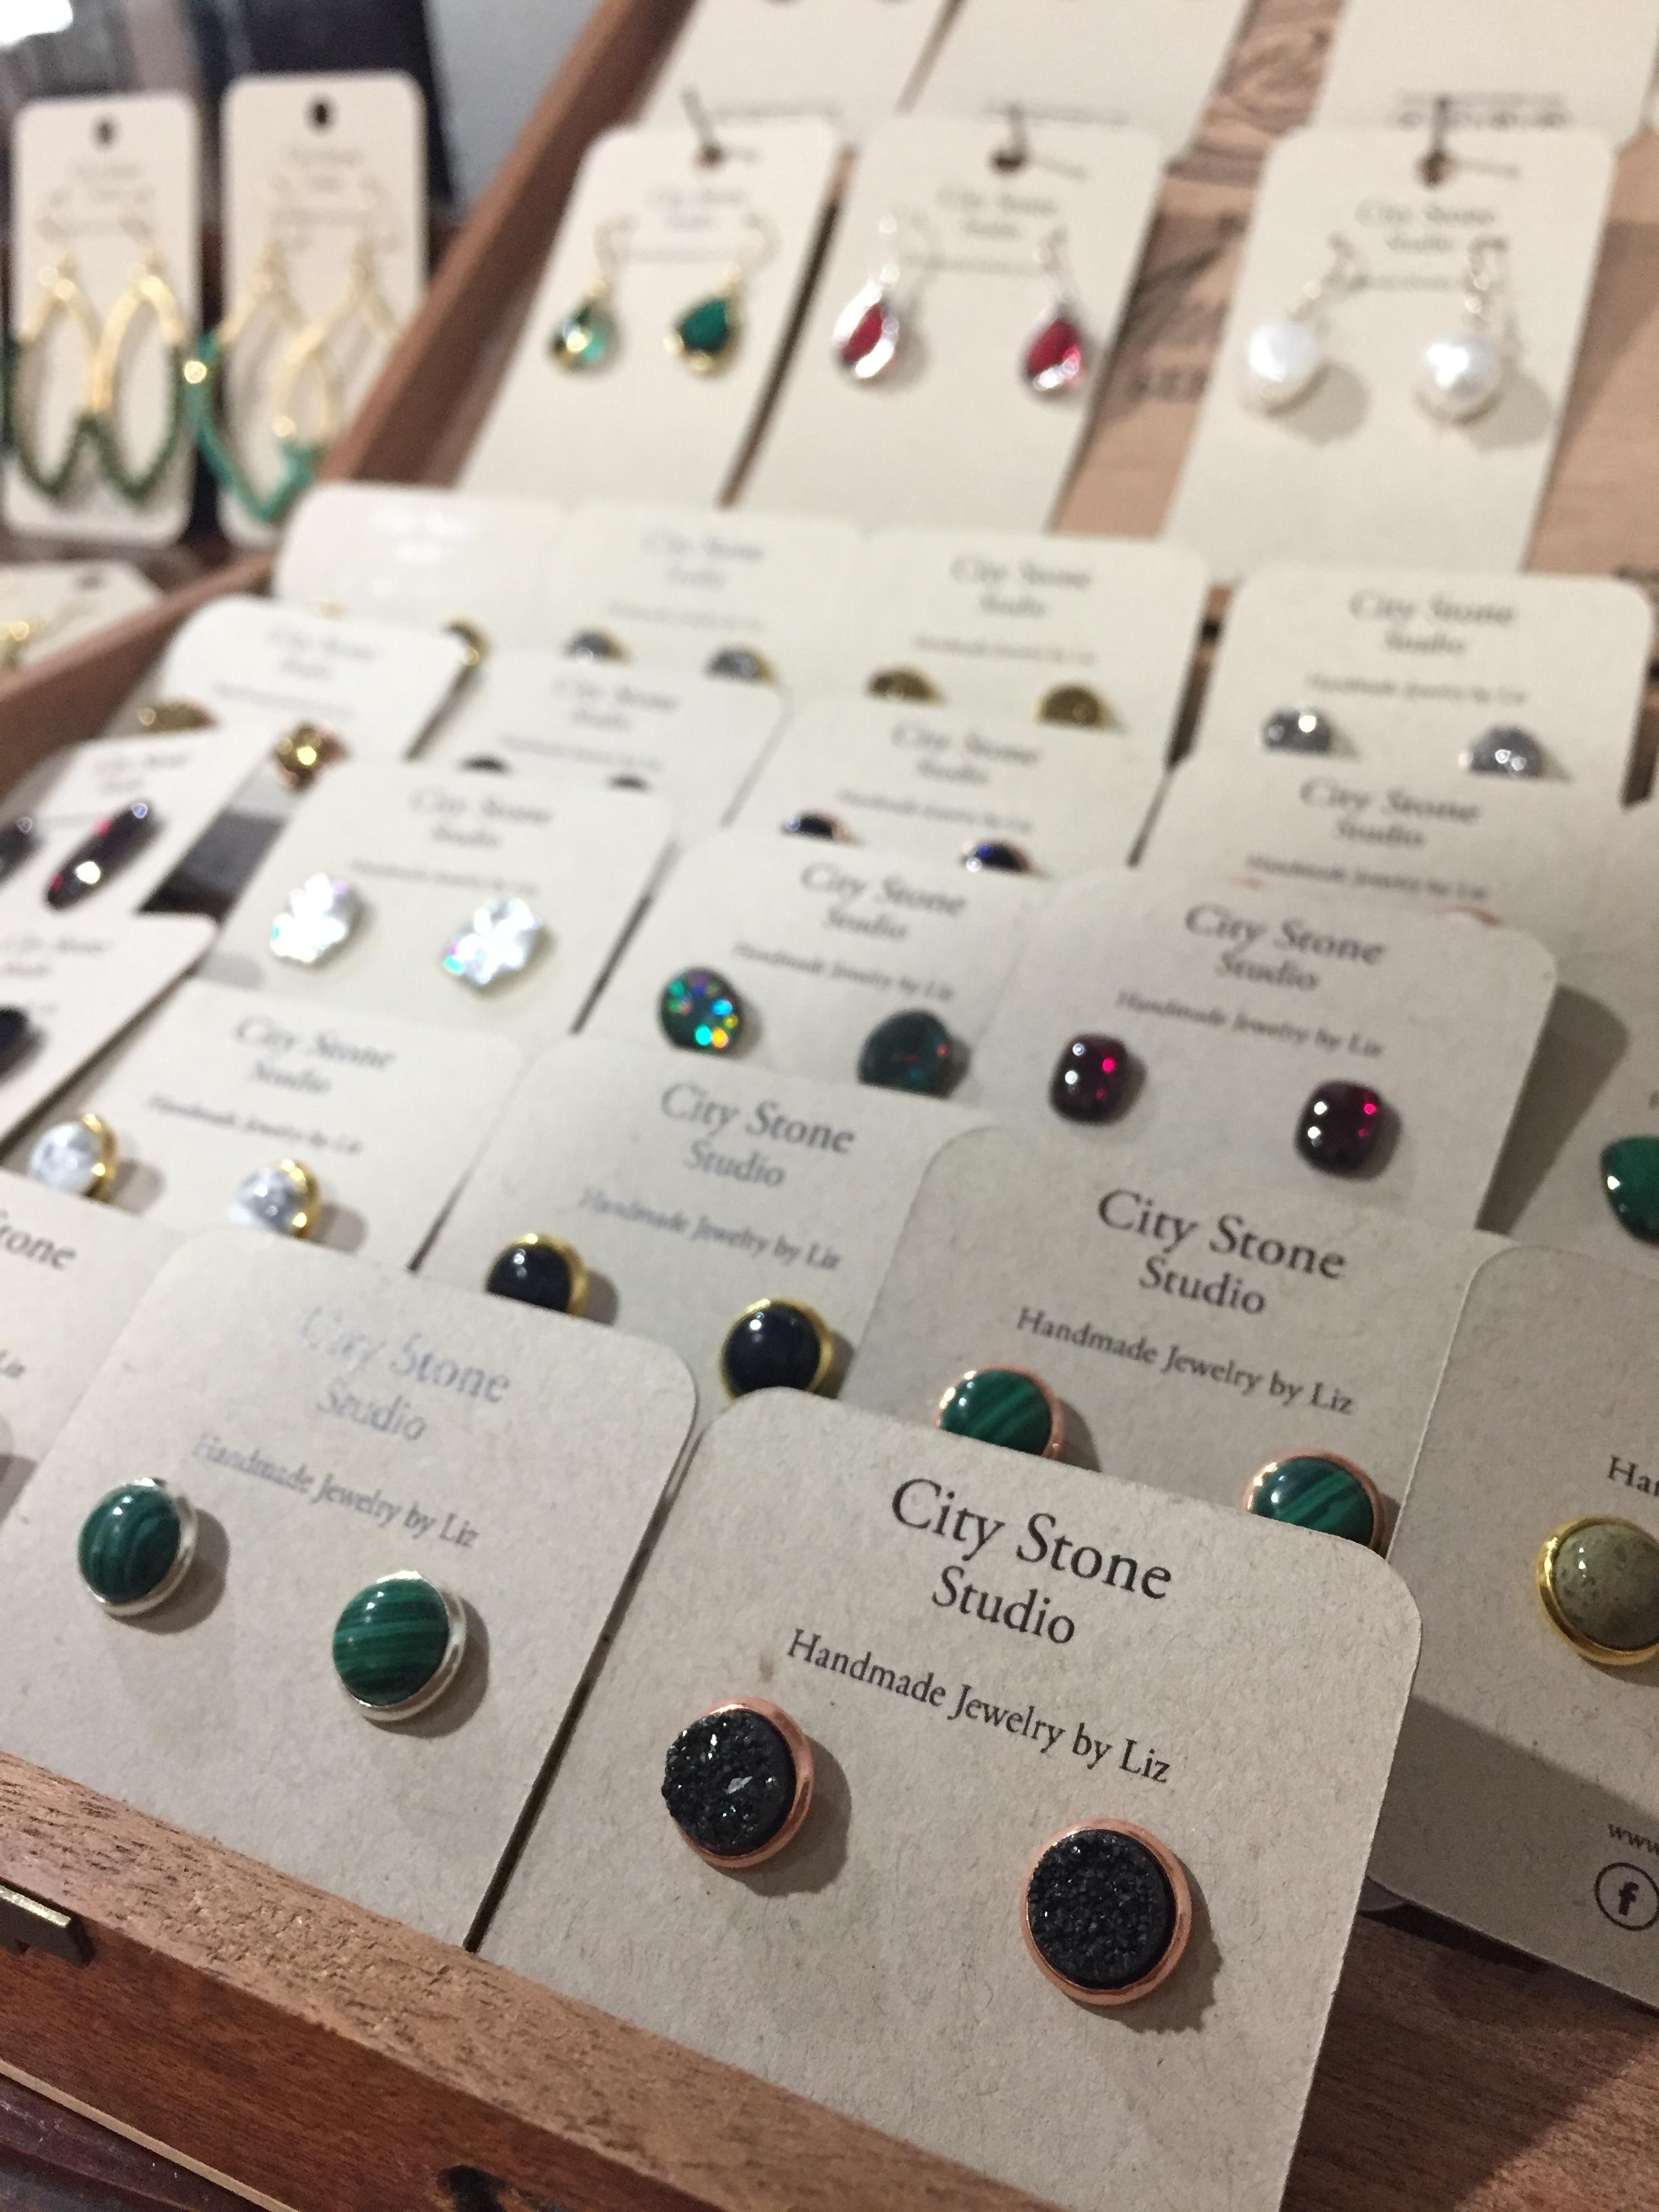 City Stone Studio